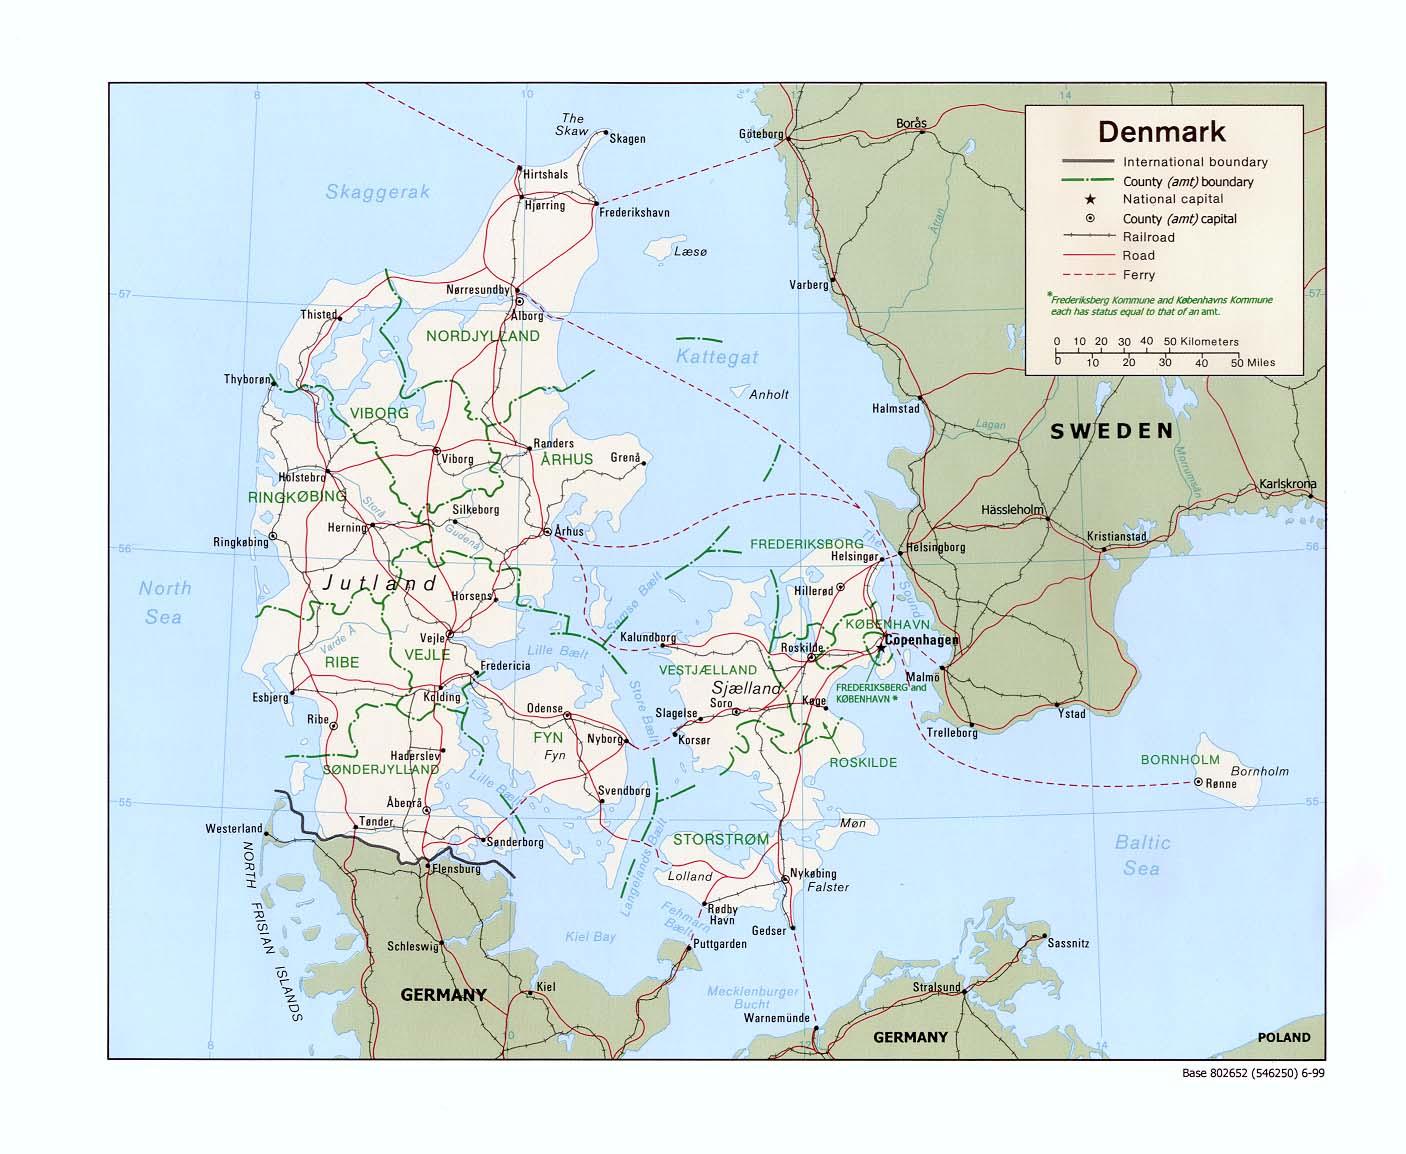 Karte Norwegen Dänemark.Landkarte Dänemark Landkarten Download Dänemarkkarte Dänemark